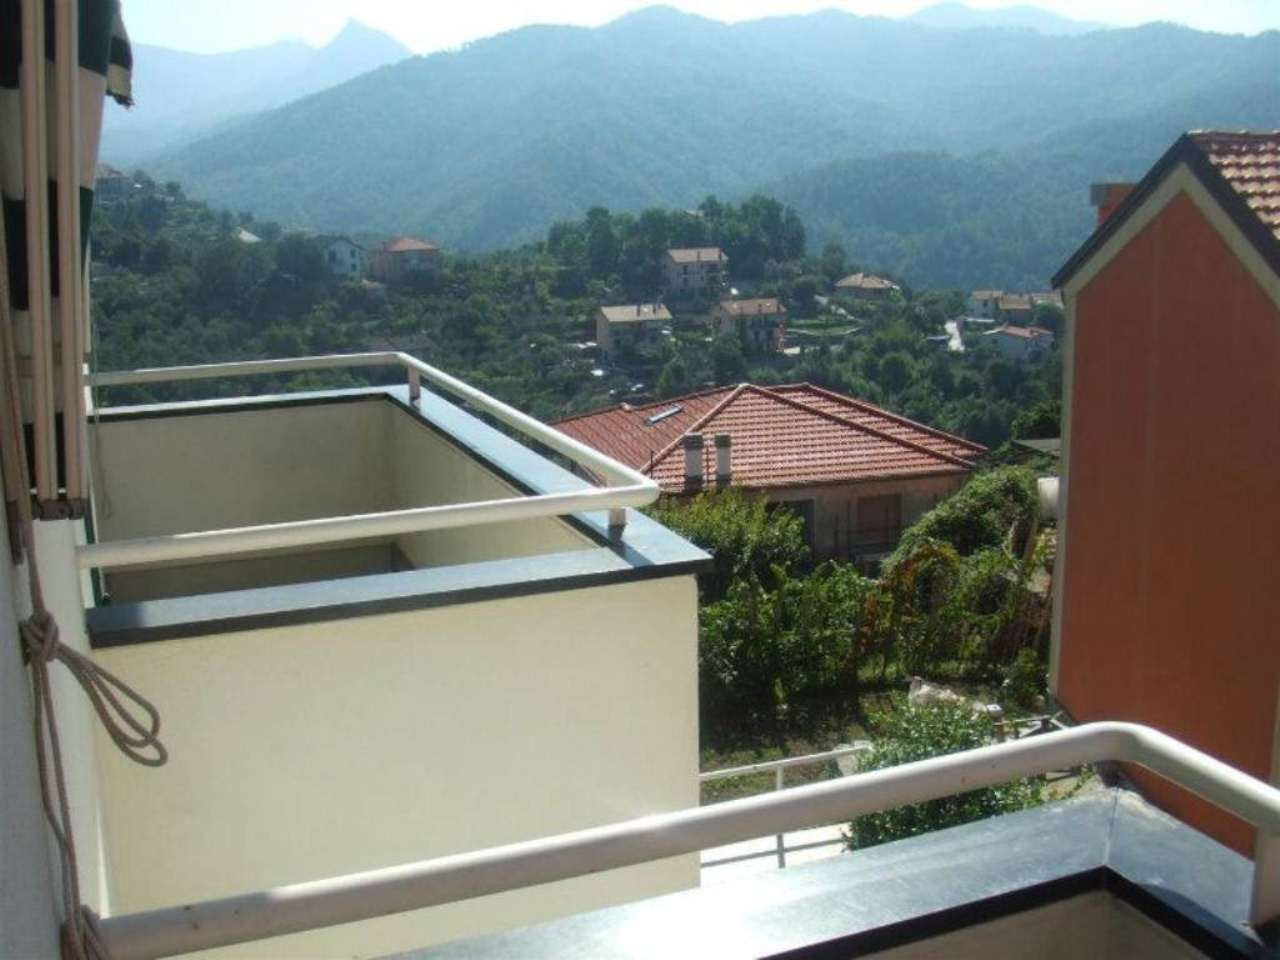 Villa Bifamiliare in vendita a Castiglione Chiavarese, 10 locali, Trattative riservate   Cambio Casa.it